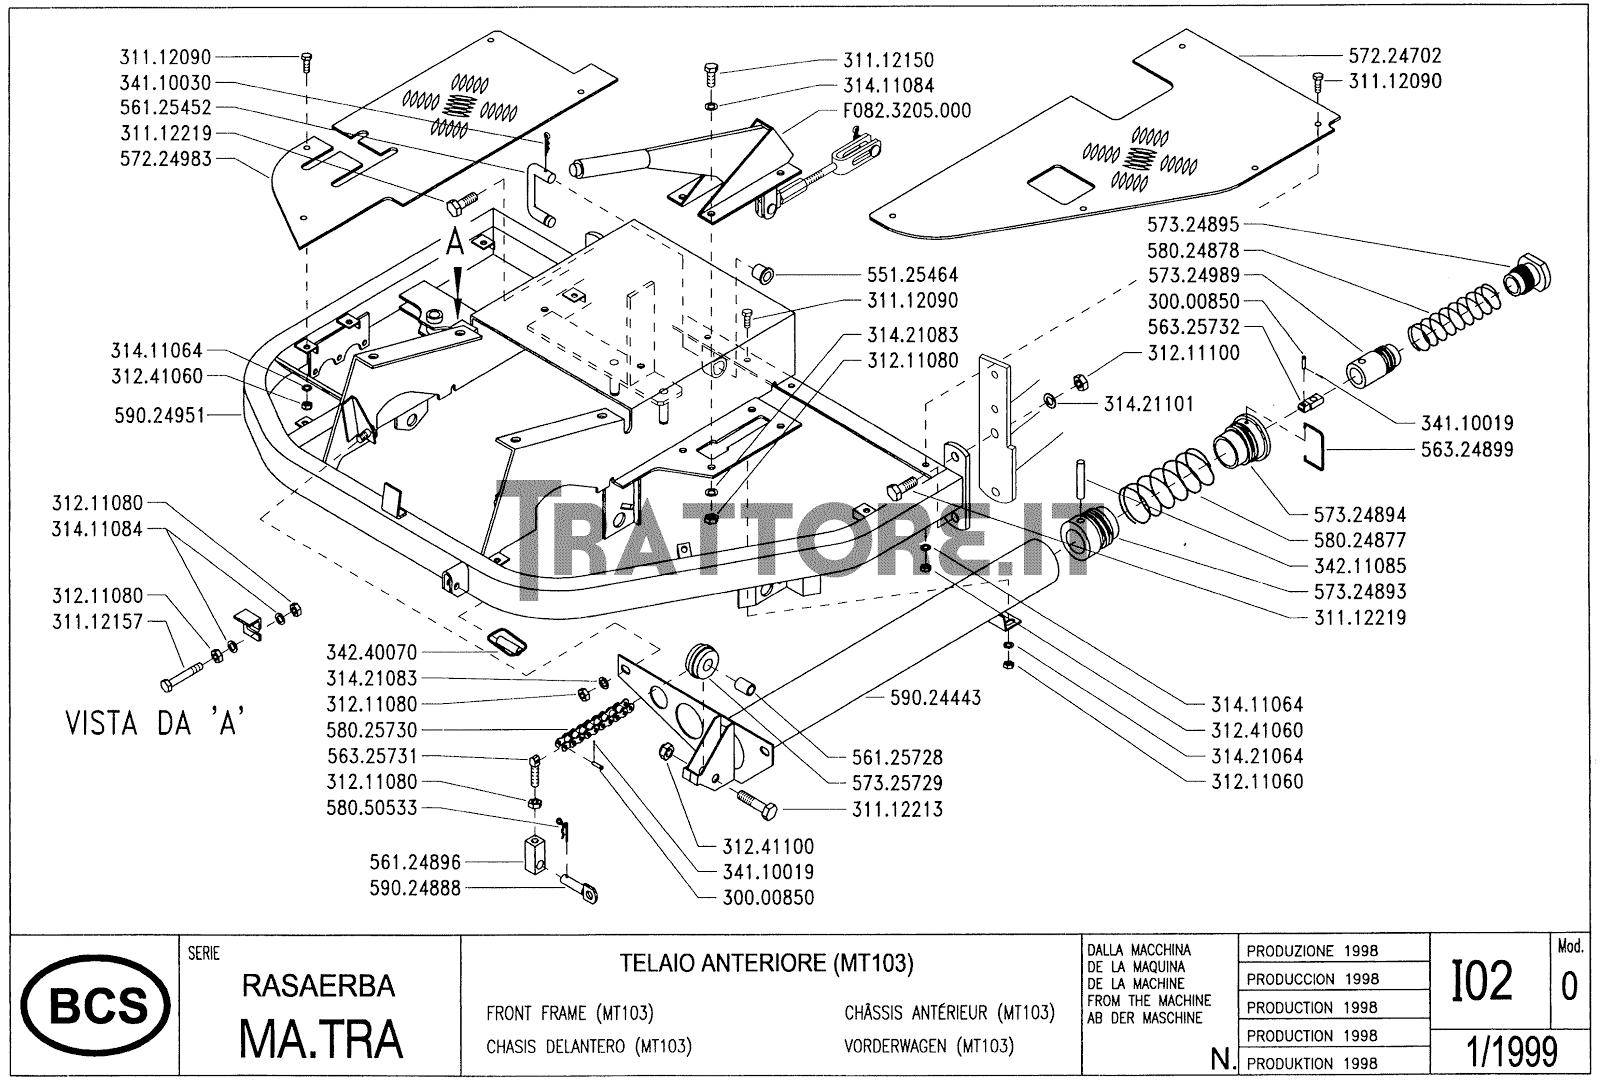 InfoTrattore.it: Manuale (esploso meccanico) Rasaerba